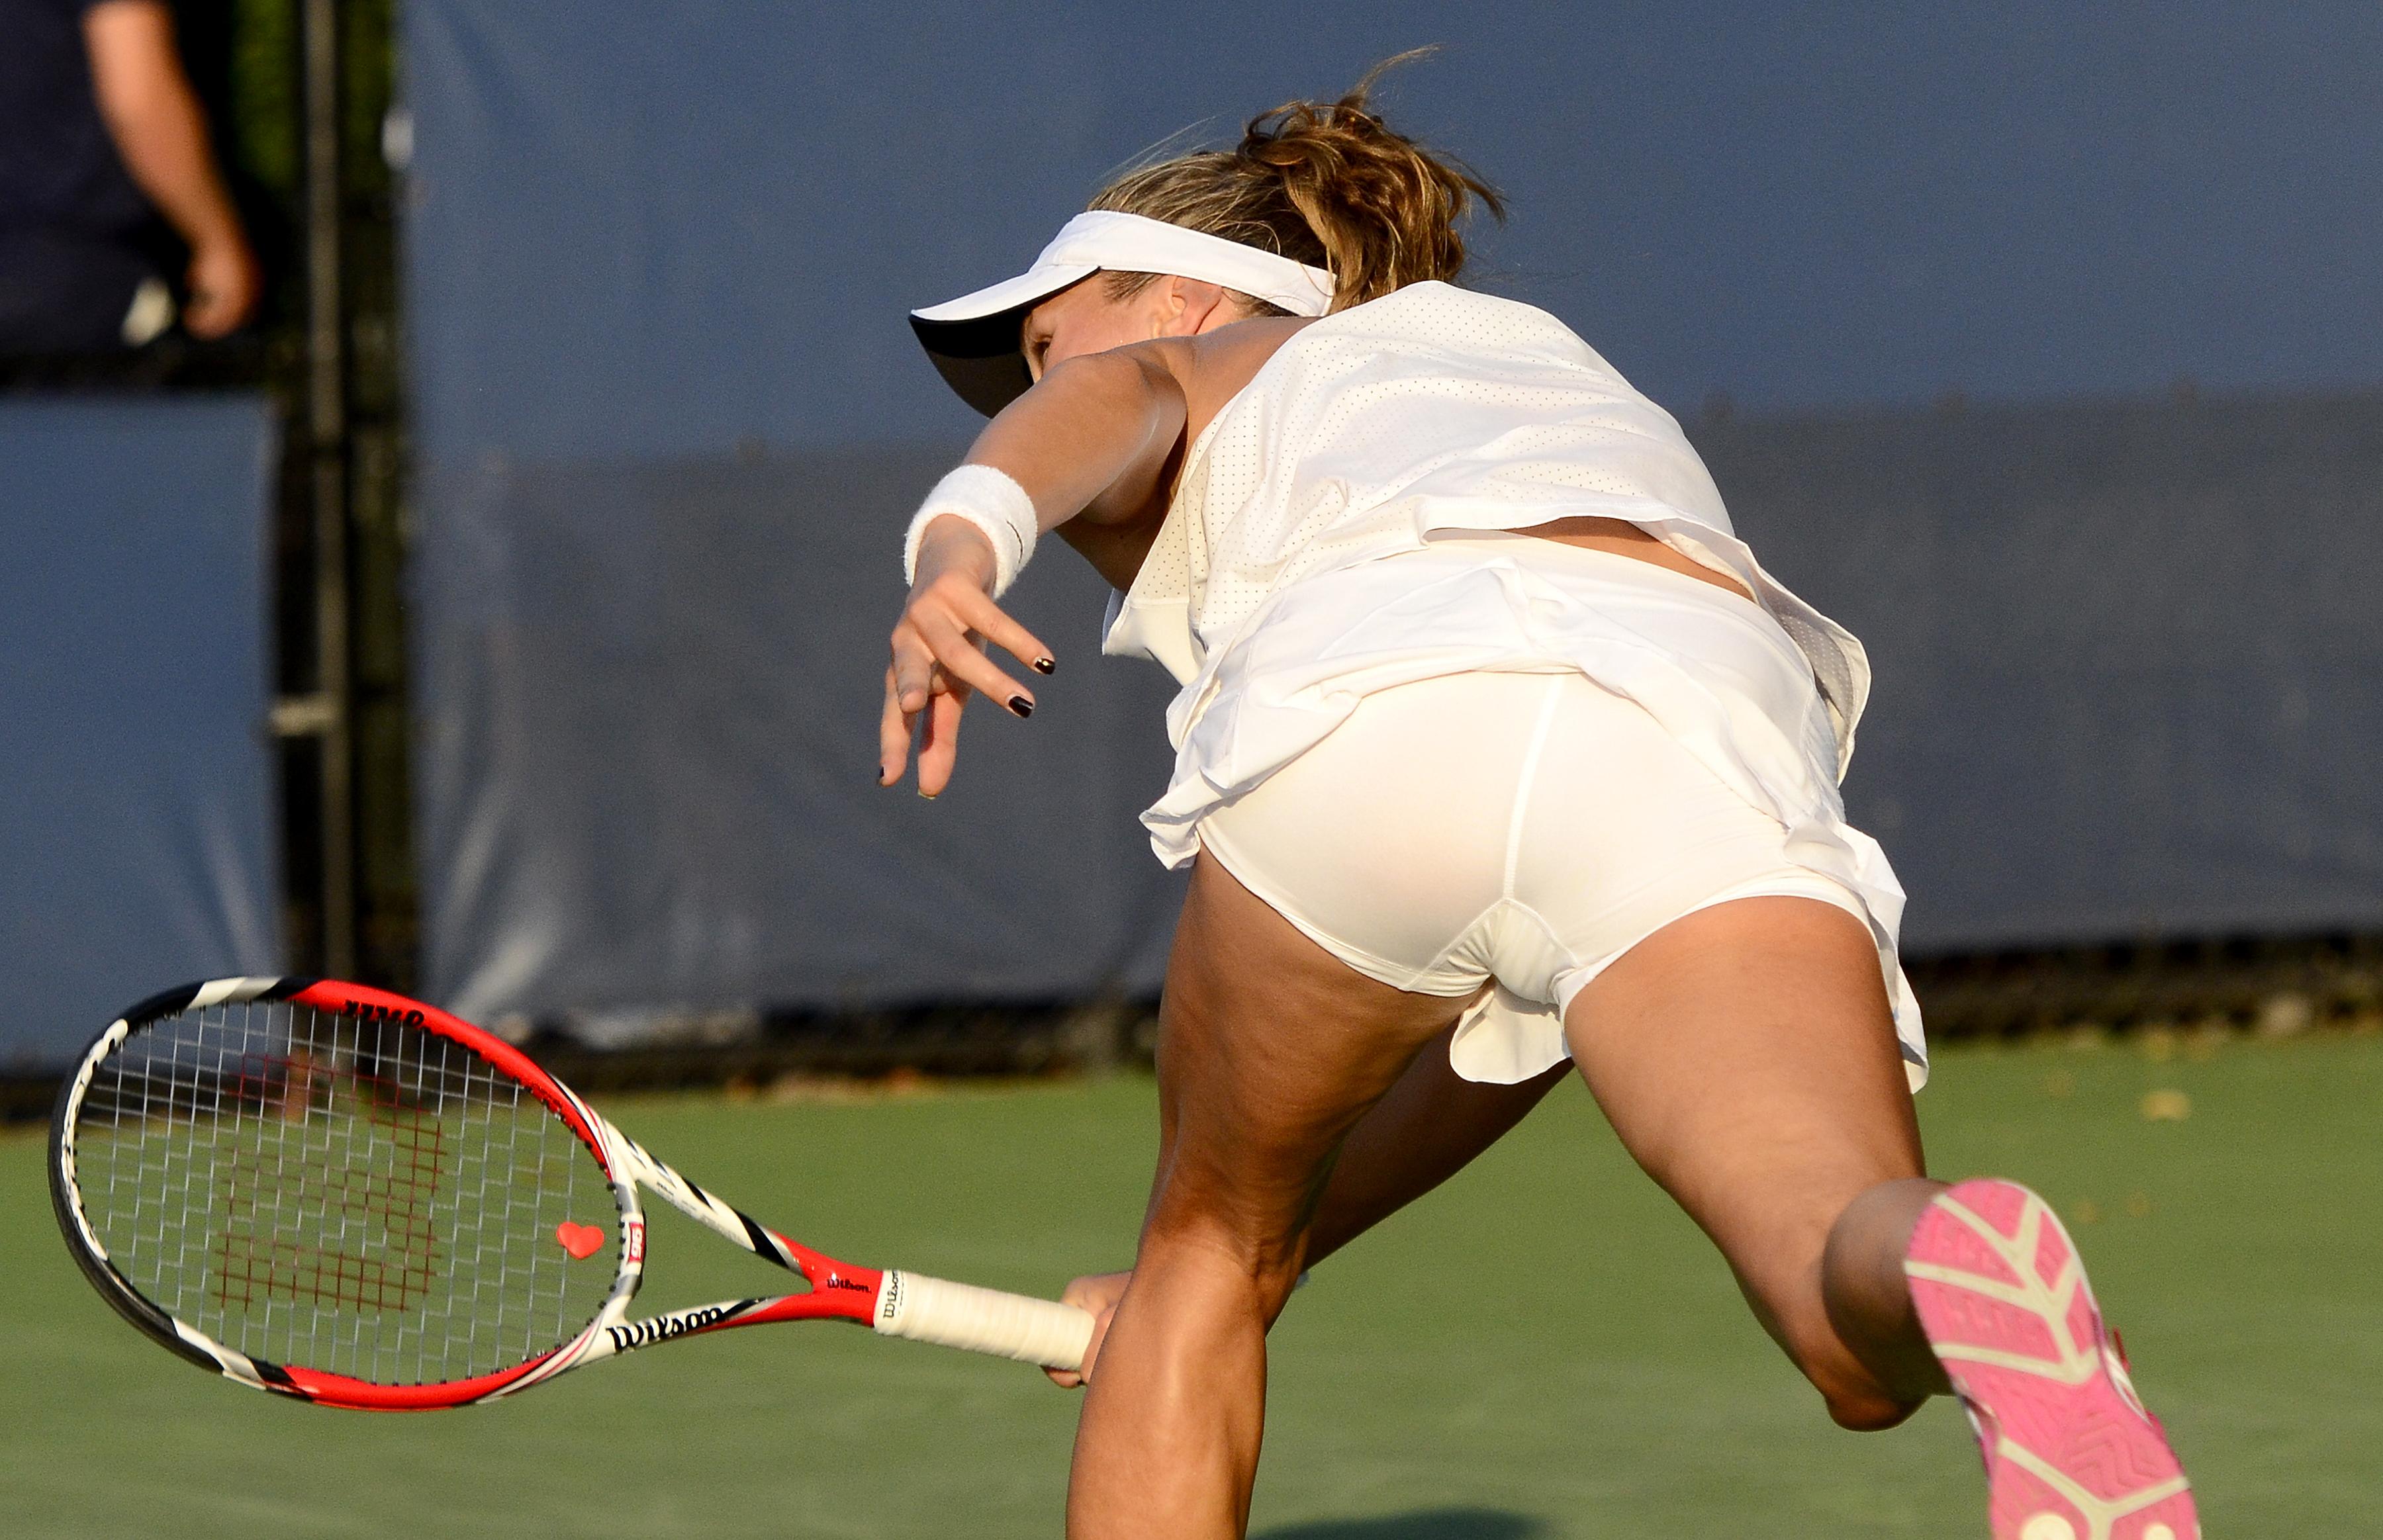 случайное оголение теннисисток